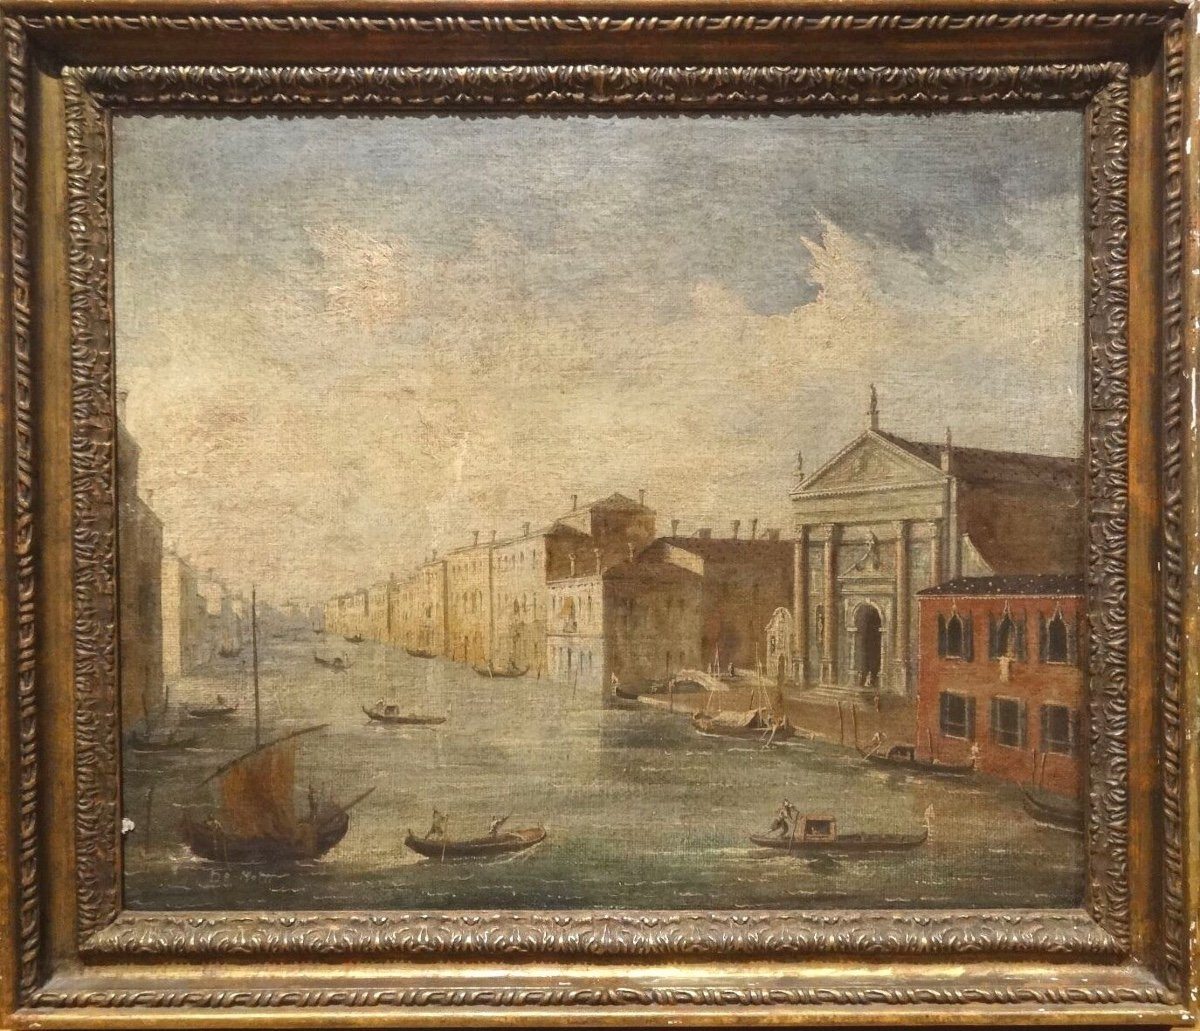 Vue De Venise, 19ème Siècle  Ecole Italienne - Signé De Motti